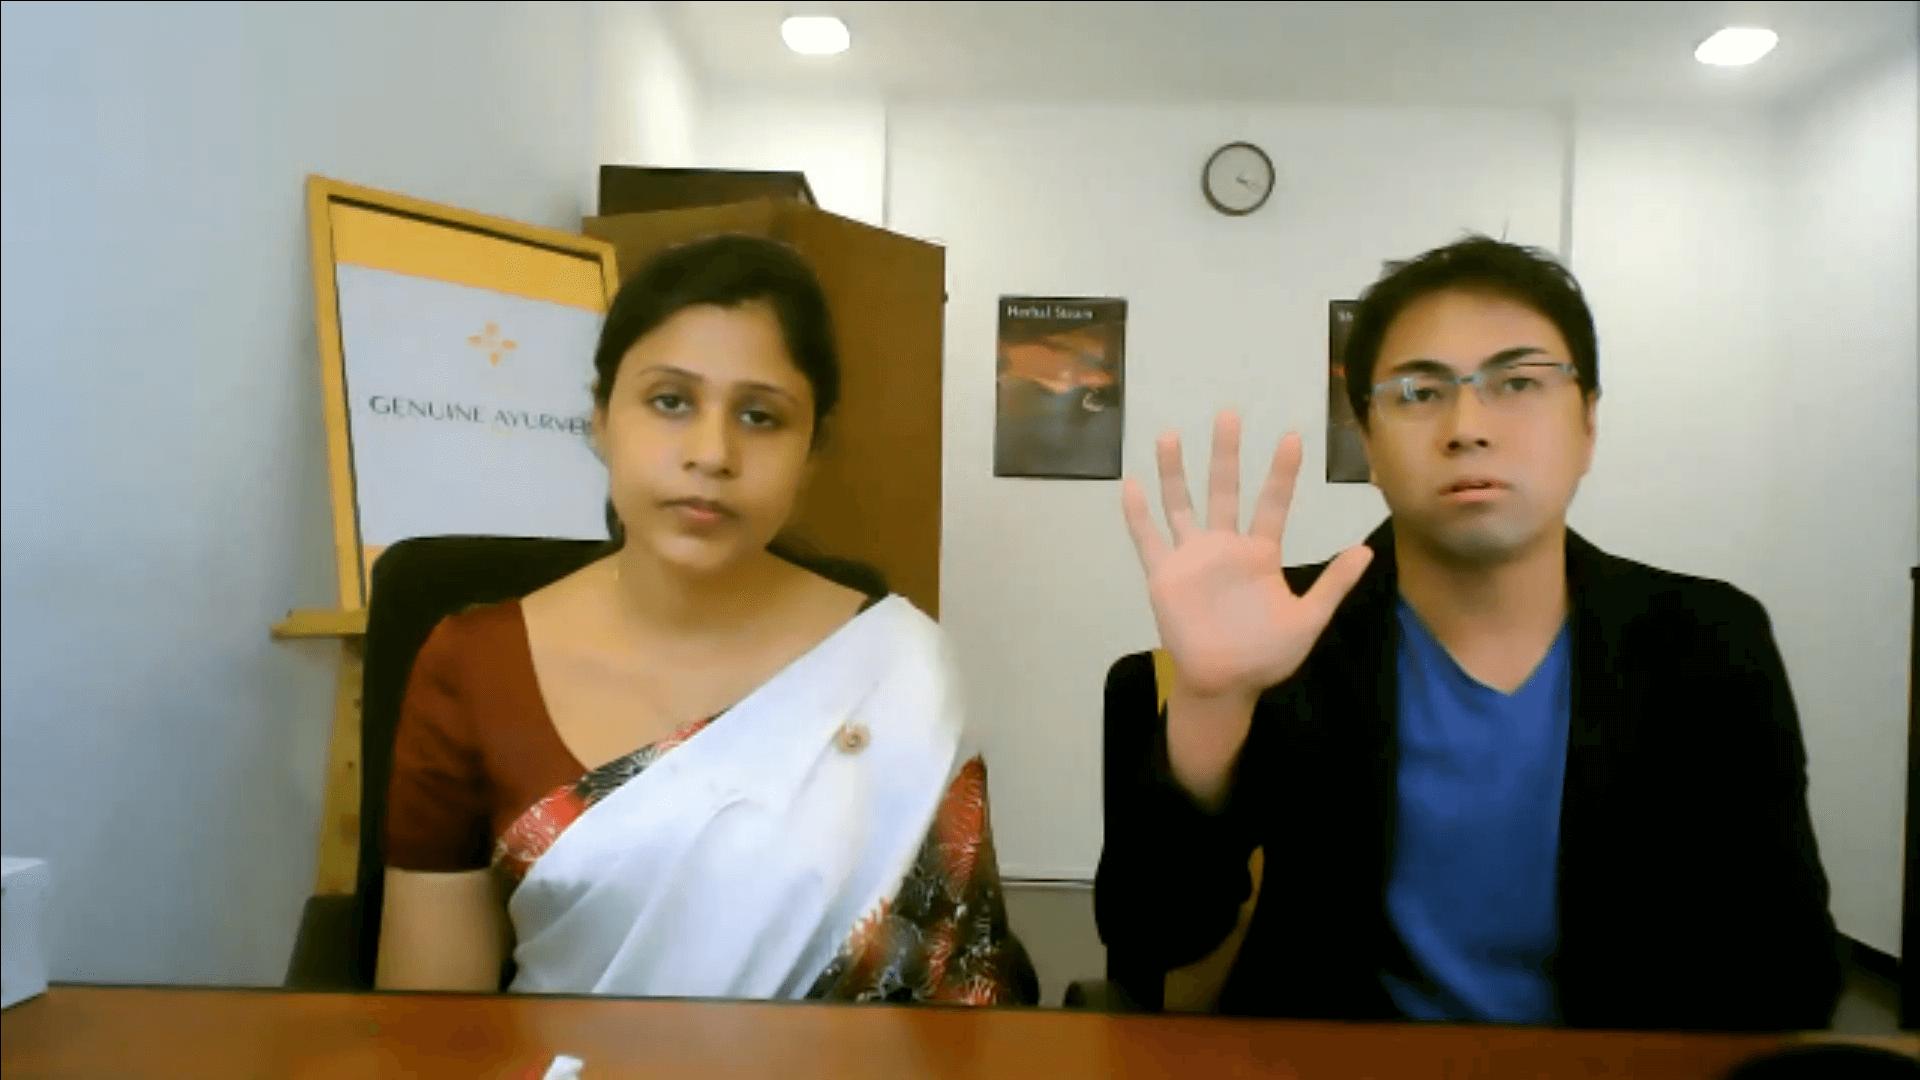 【第3回/3】Dr.チャトリのWeekdayライブ /アーユルヴェーダの「若返り術」アンチエイジング法を学ぼう!